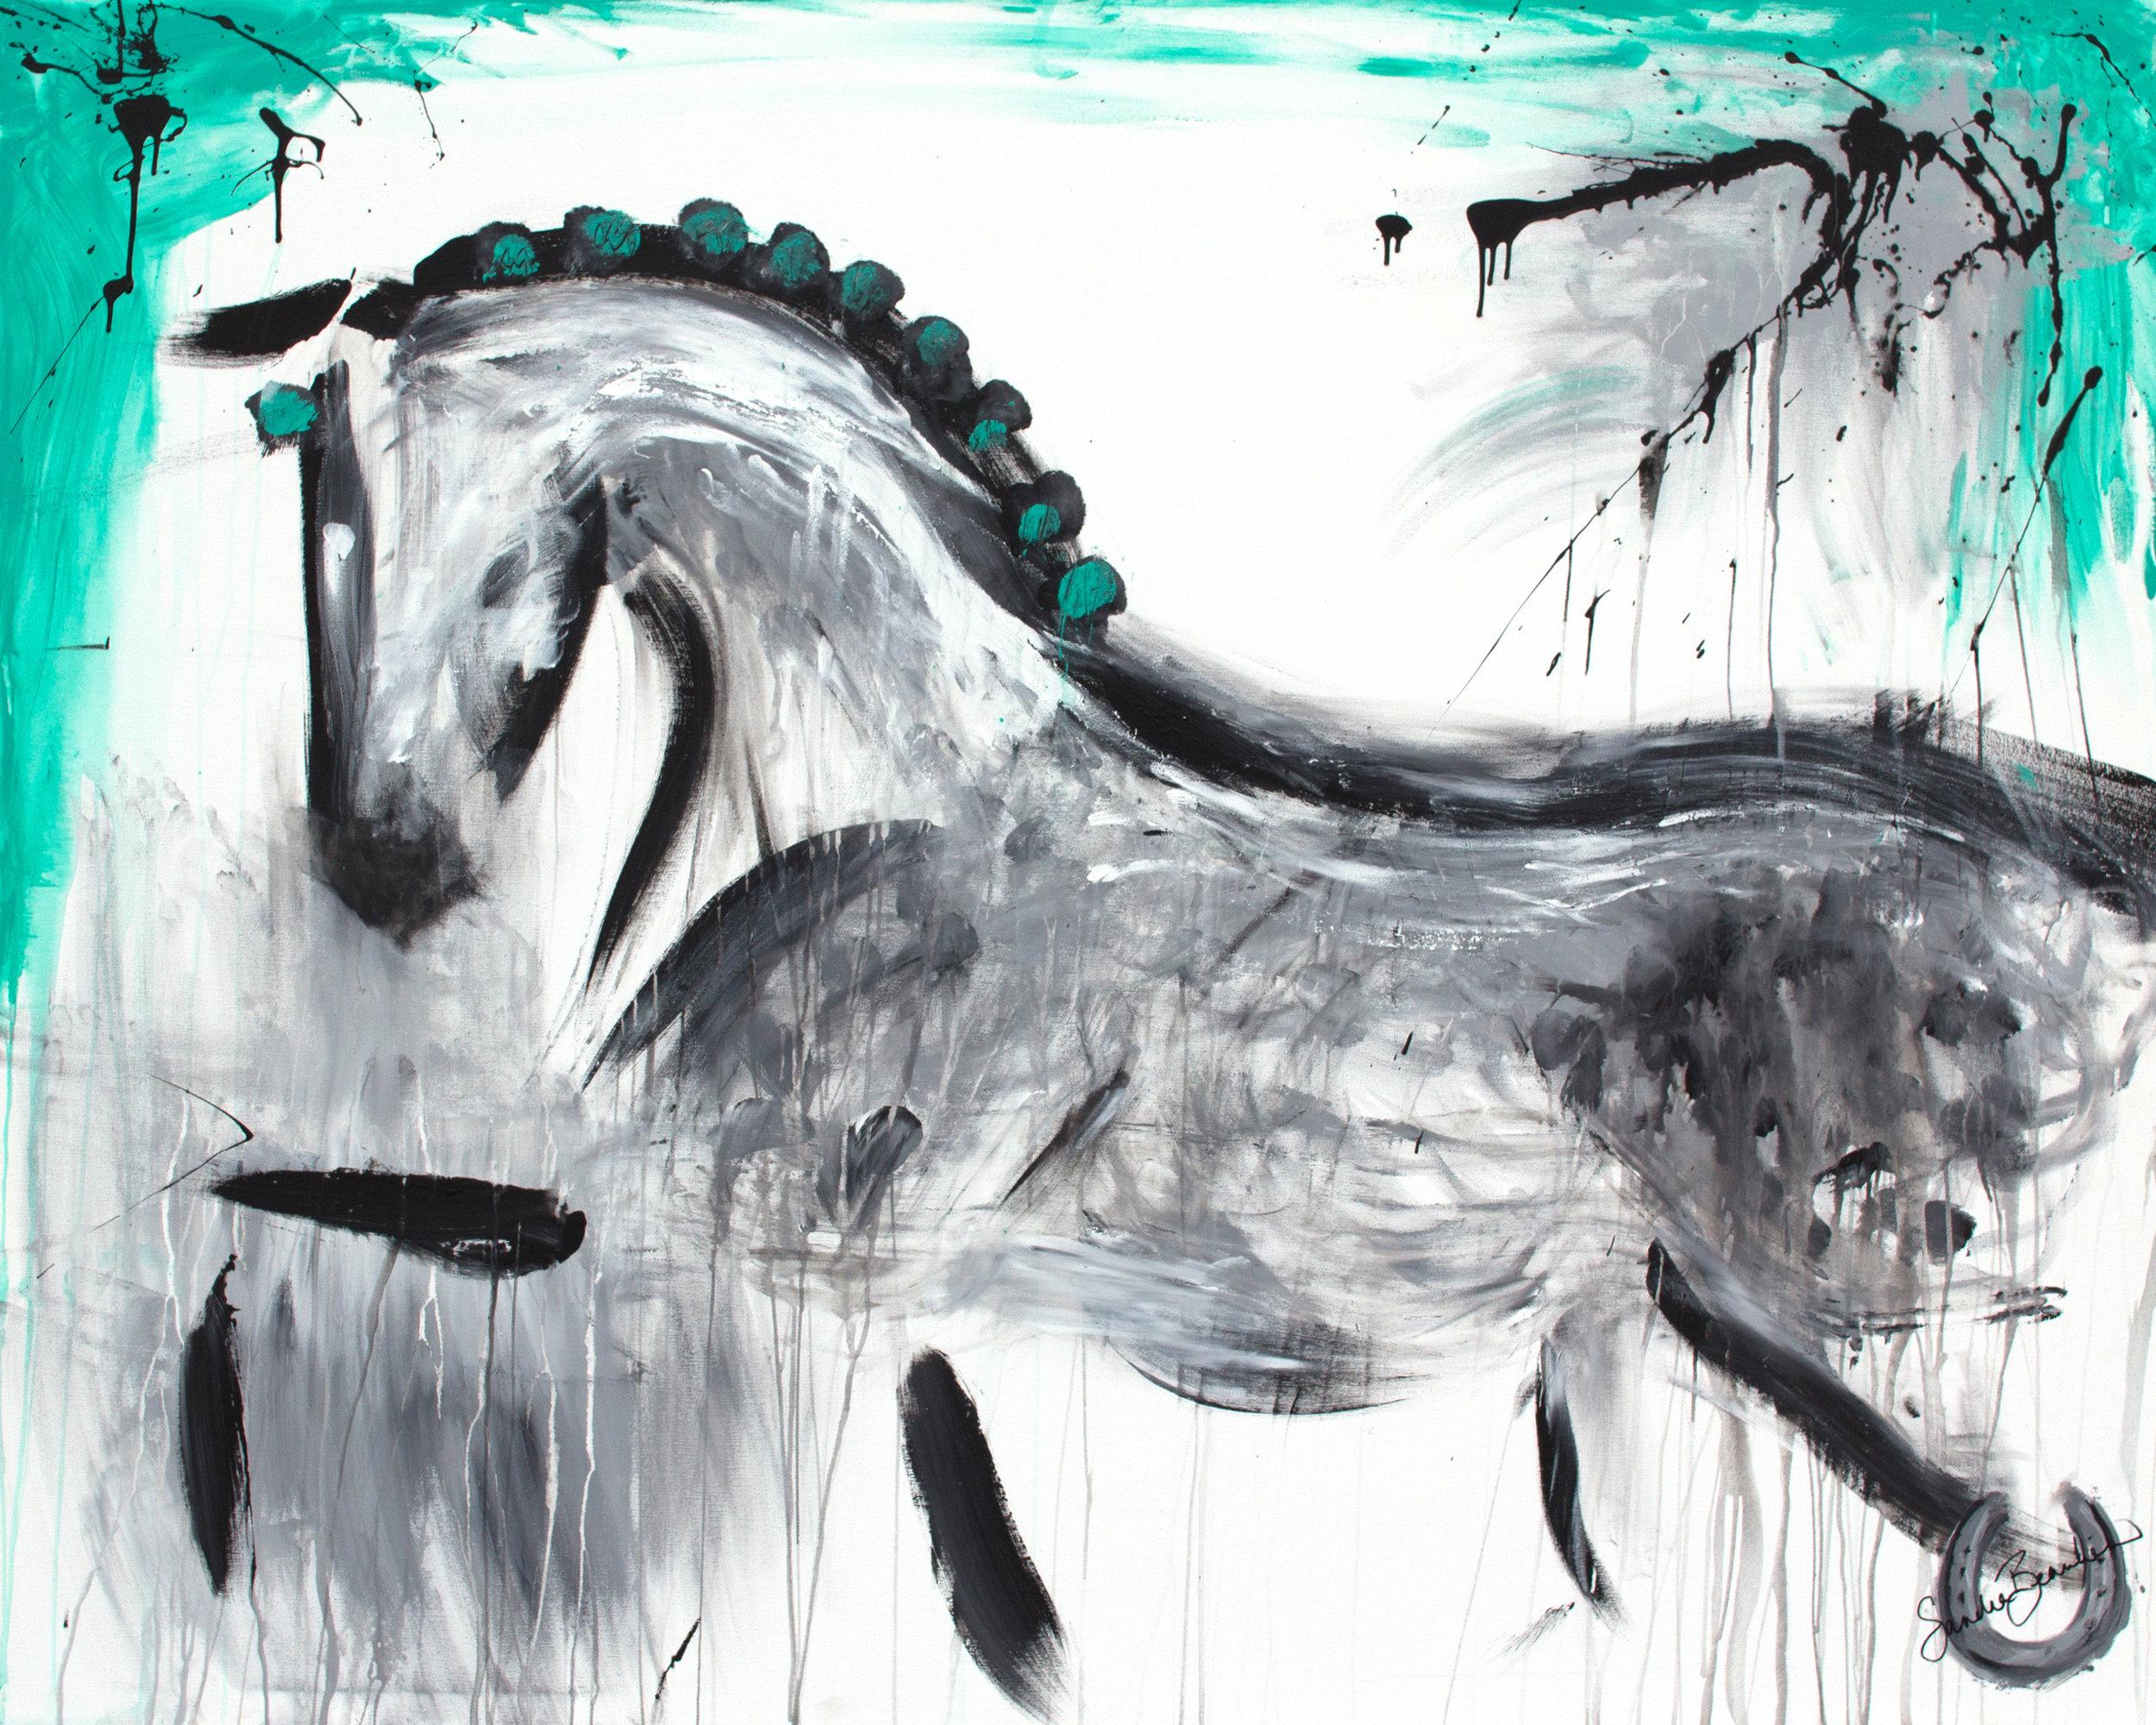 Dance of Tok - Art on Horseback #3